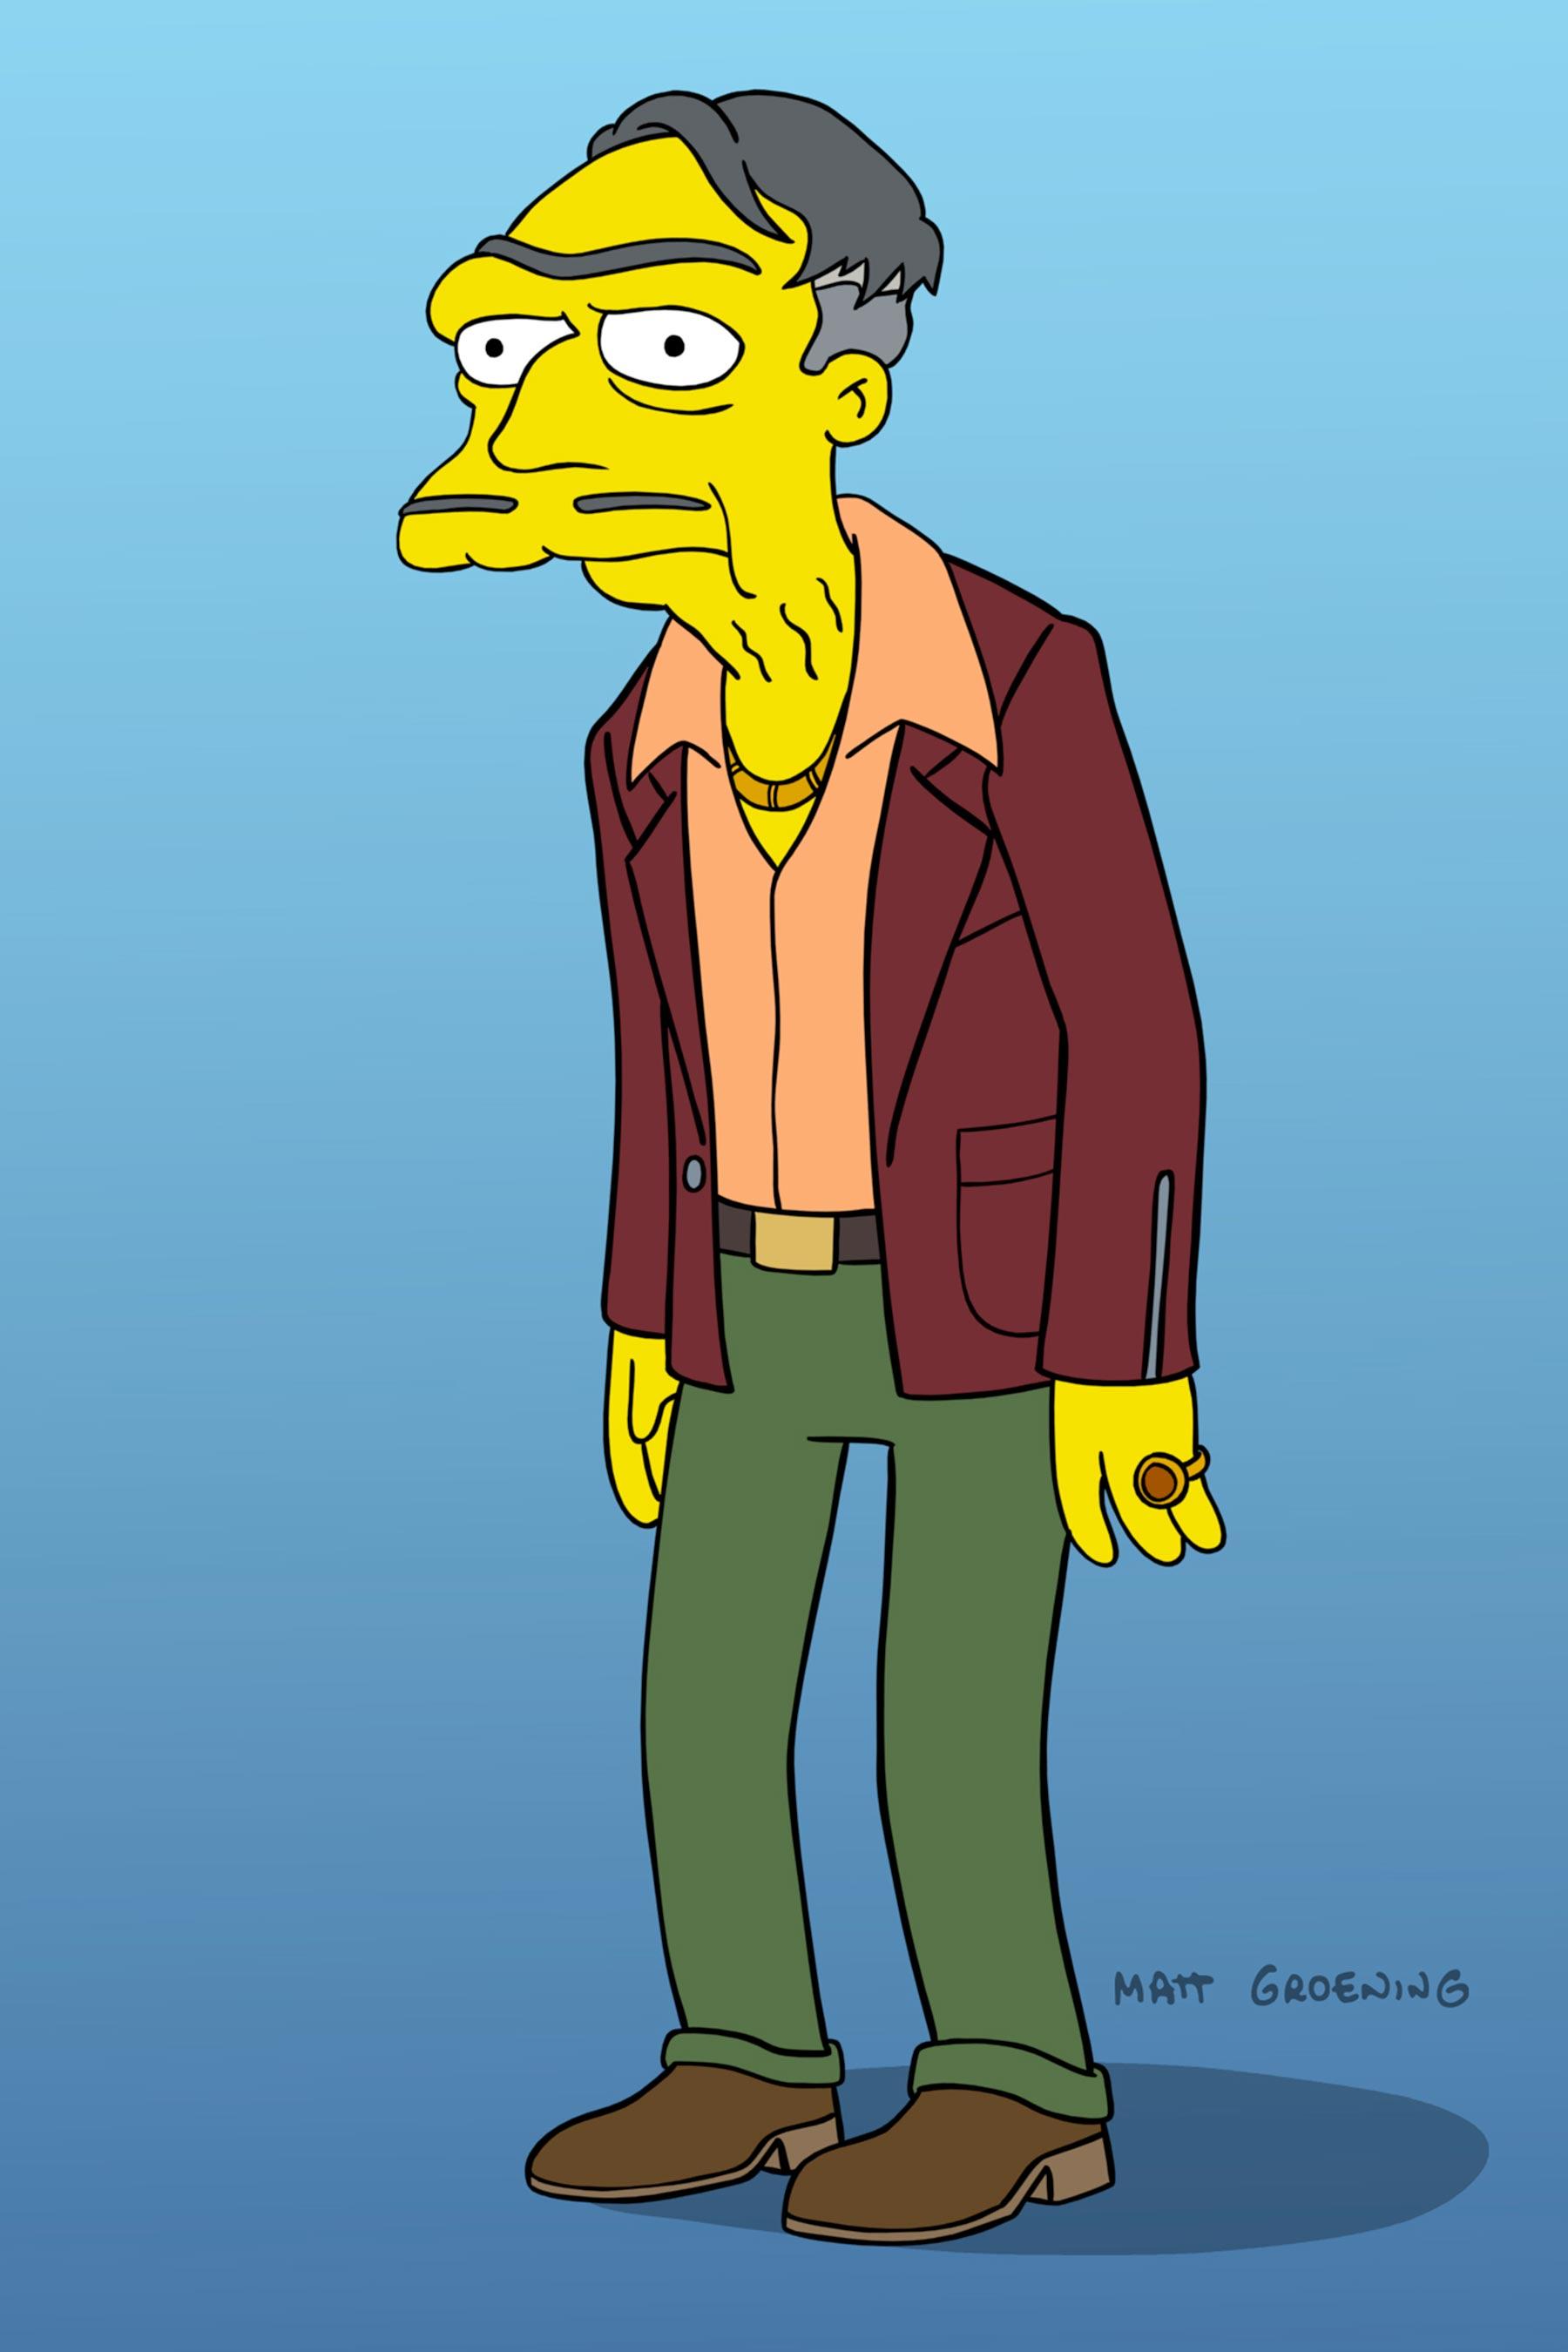 Fox revela la imagen Morty, el padre de Moe Szyslak.